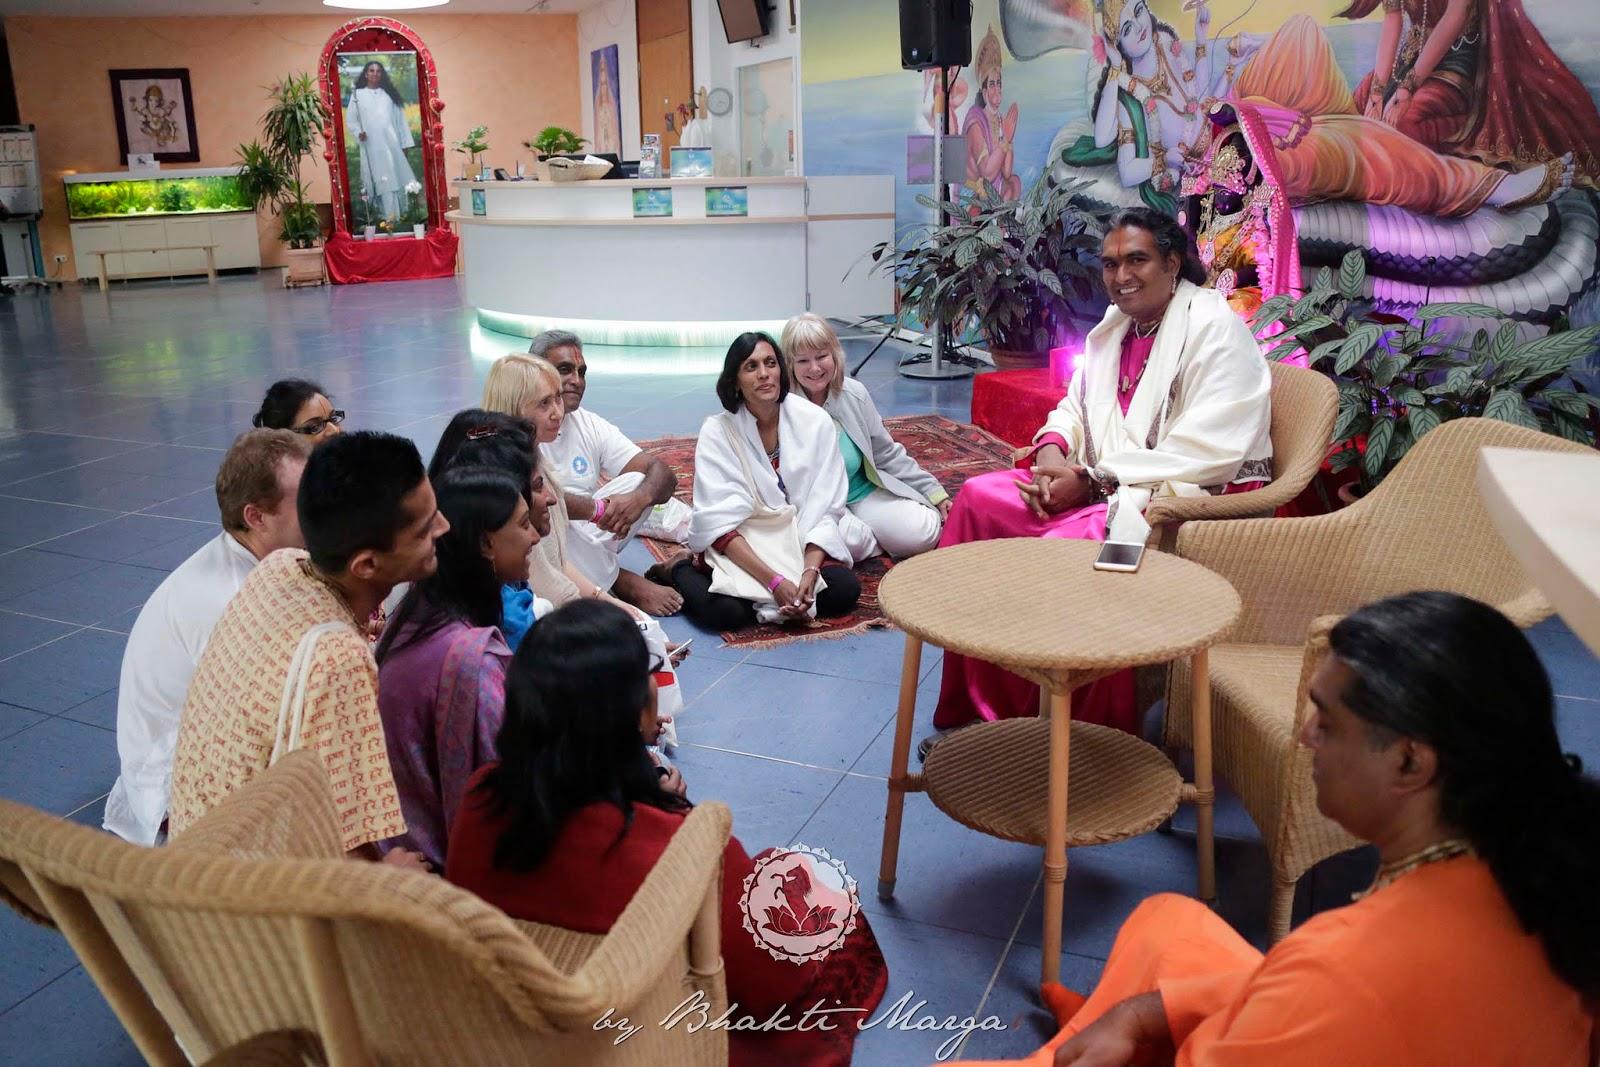 vishnu sahashranam Asya shree vishno divya sahasranama sthotra maha -mantrasya, shree vedavyaso bhagavan rishih, ansthup -chandah shree maha vishnuh paramatma shree mannarayanoo devata, amritam -shoodbhavo bhanuriti beejam, devakee nandana srasthe tih shakthi.